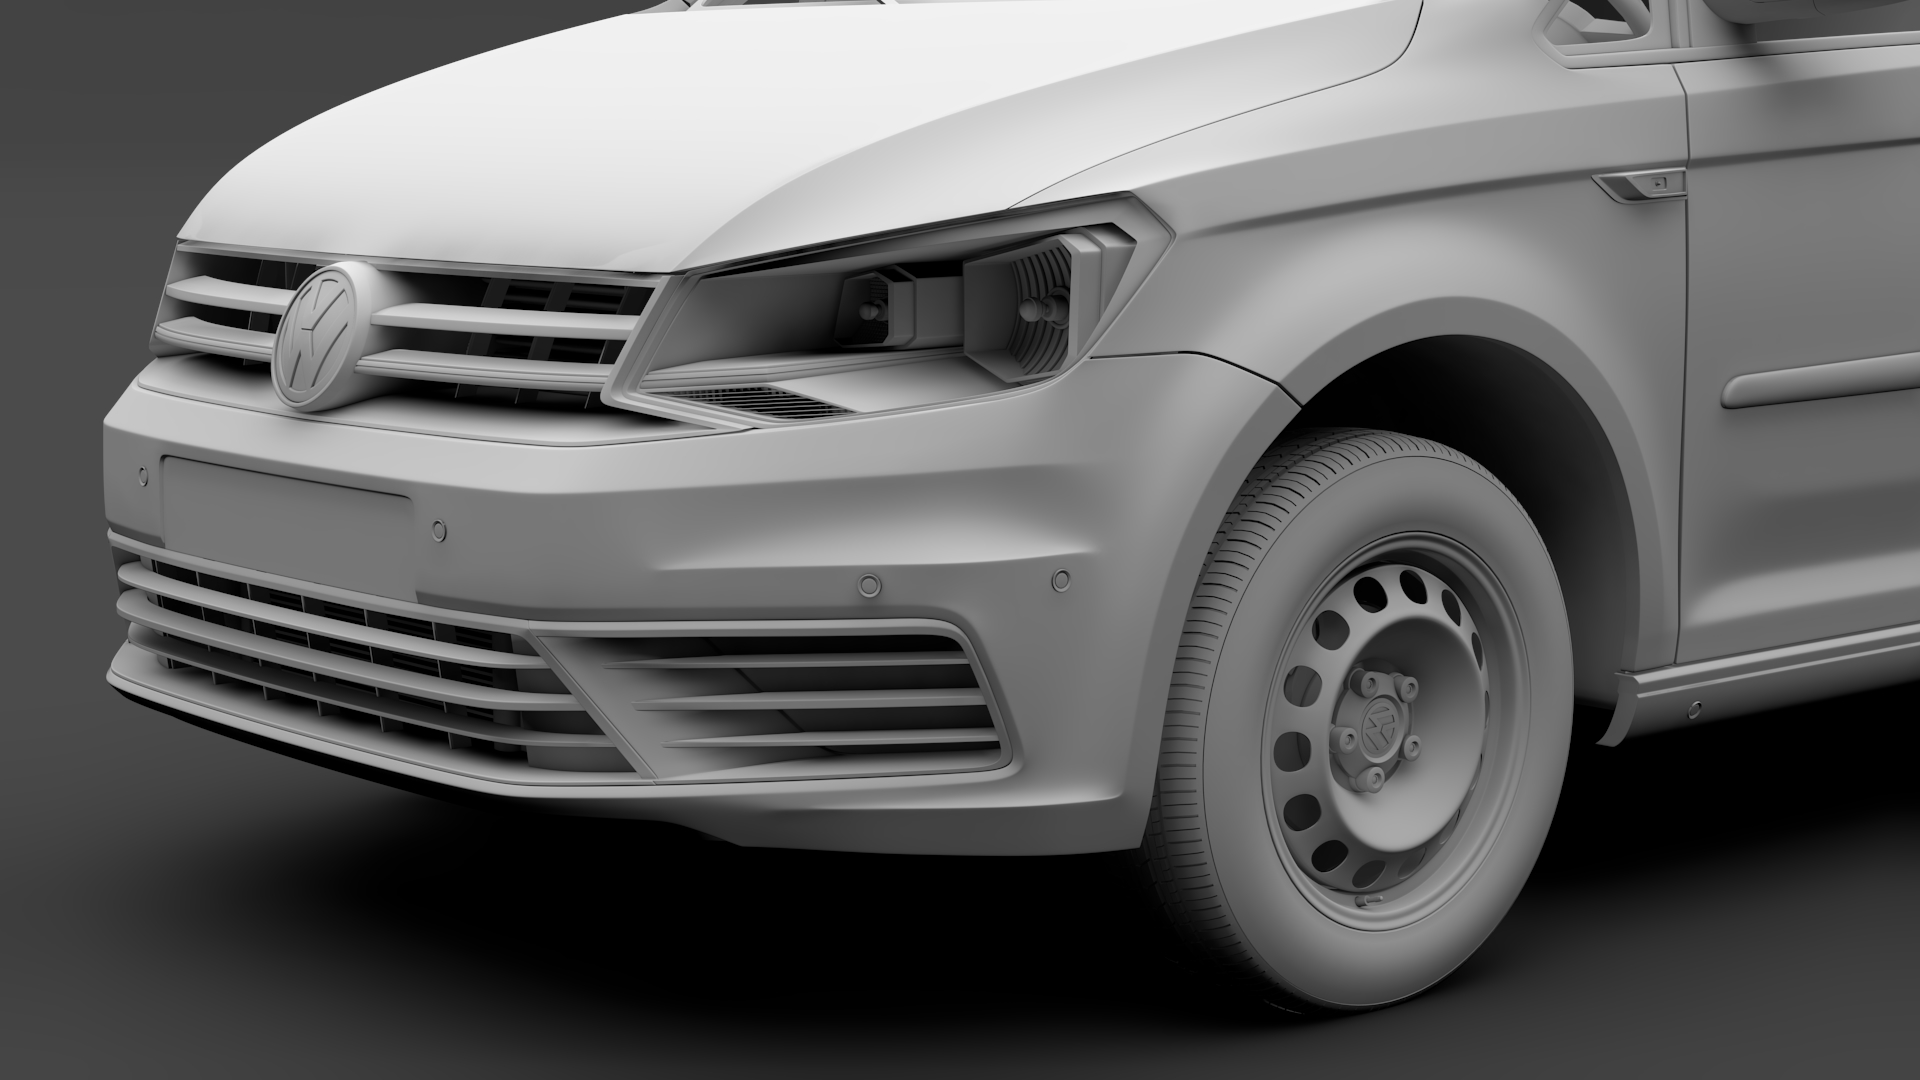 volkswagen caddy panel van l1 2017 3d model max fbx c4d lwo ma mb hrc xsi obj 274408